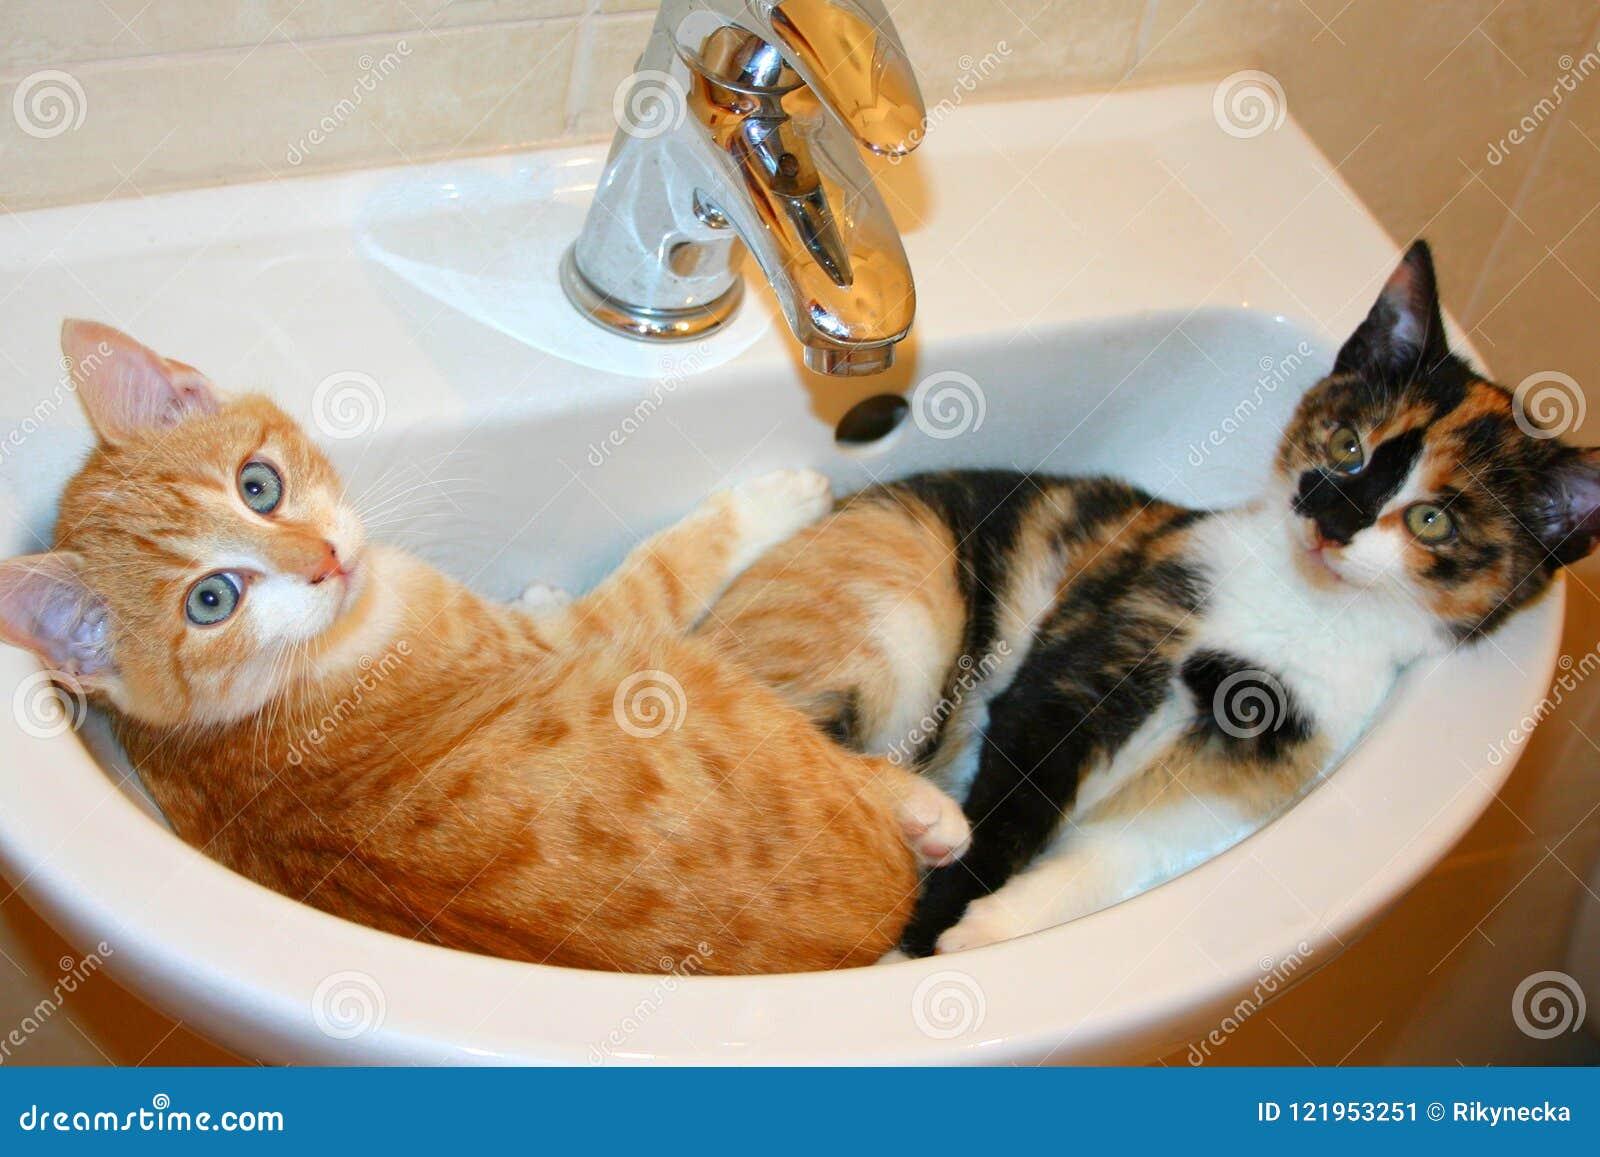 Scena Divertente Due Gattini Dormono In Un Lavandino è Foto